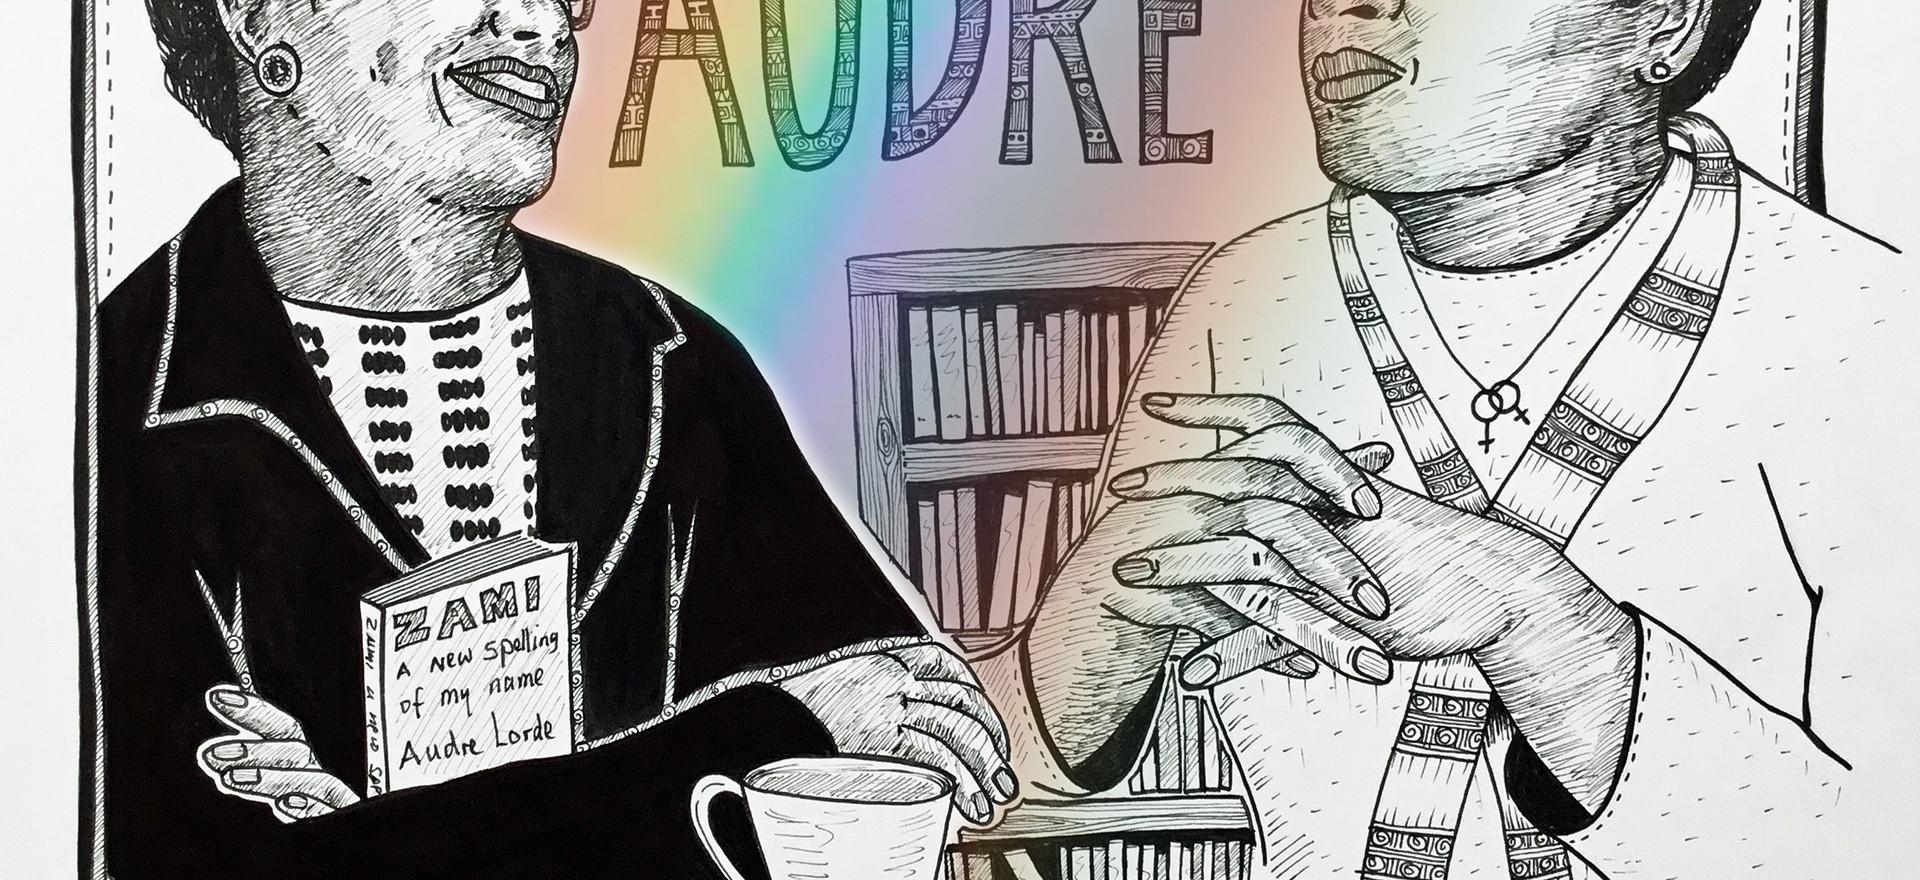 Conversations: Jackie & Audre